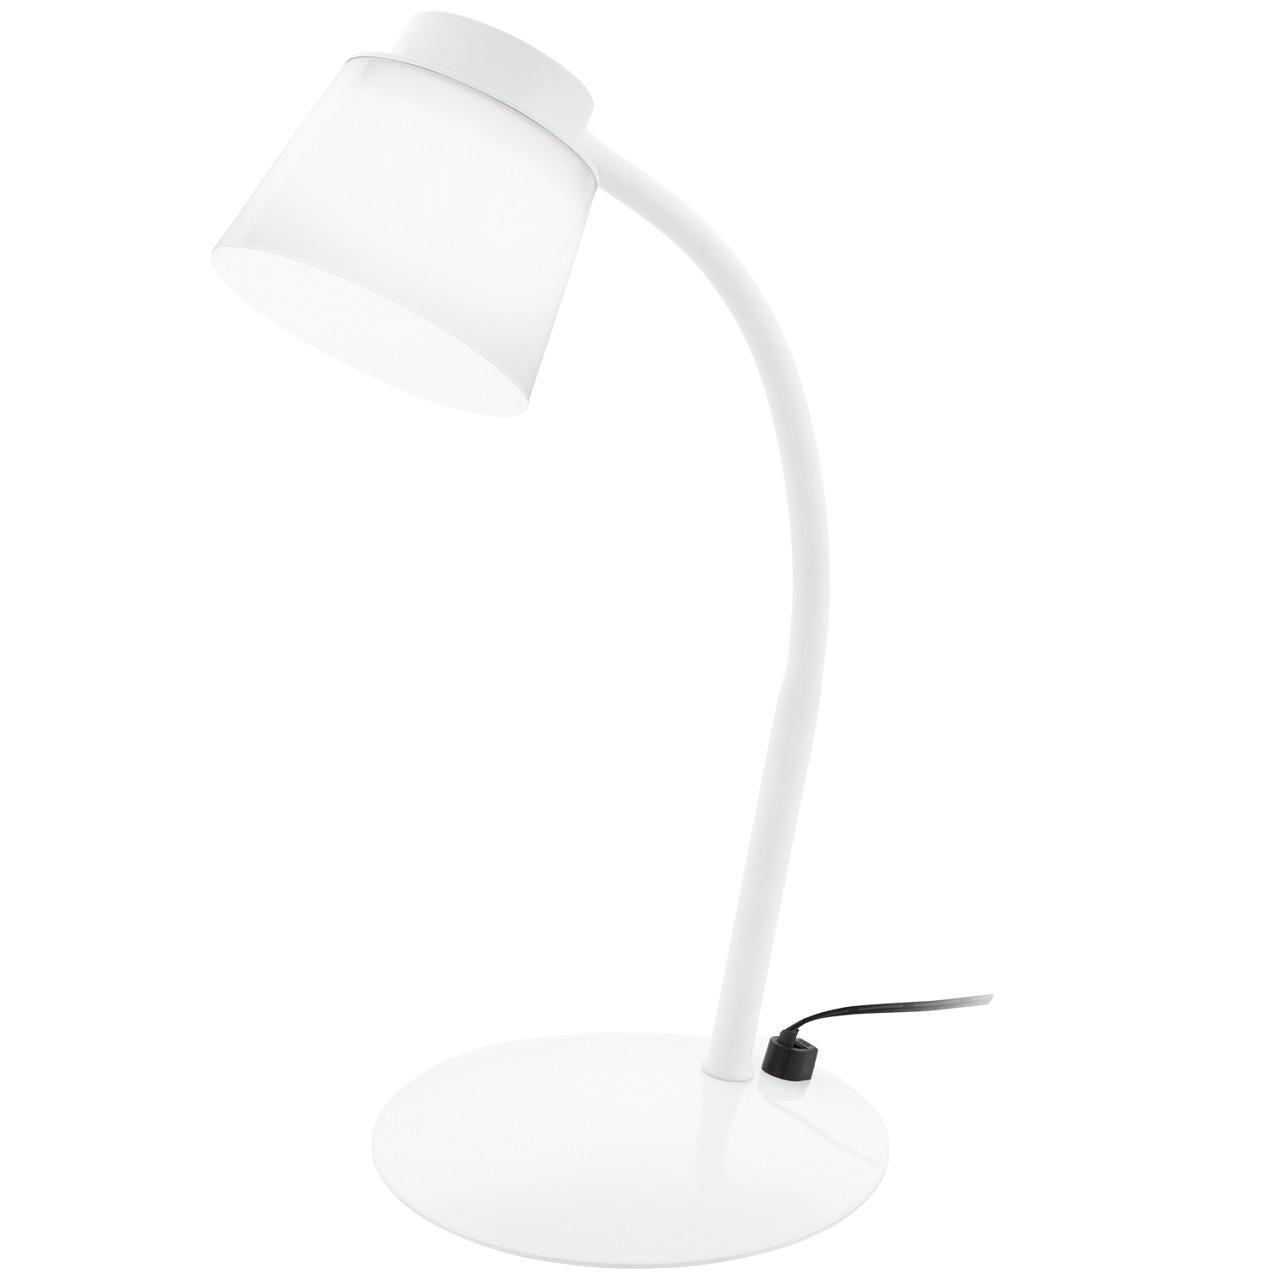 Настольная лампа Eglo Torrina 96138 eglo настольная лампа eglo torrina 96138